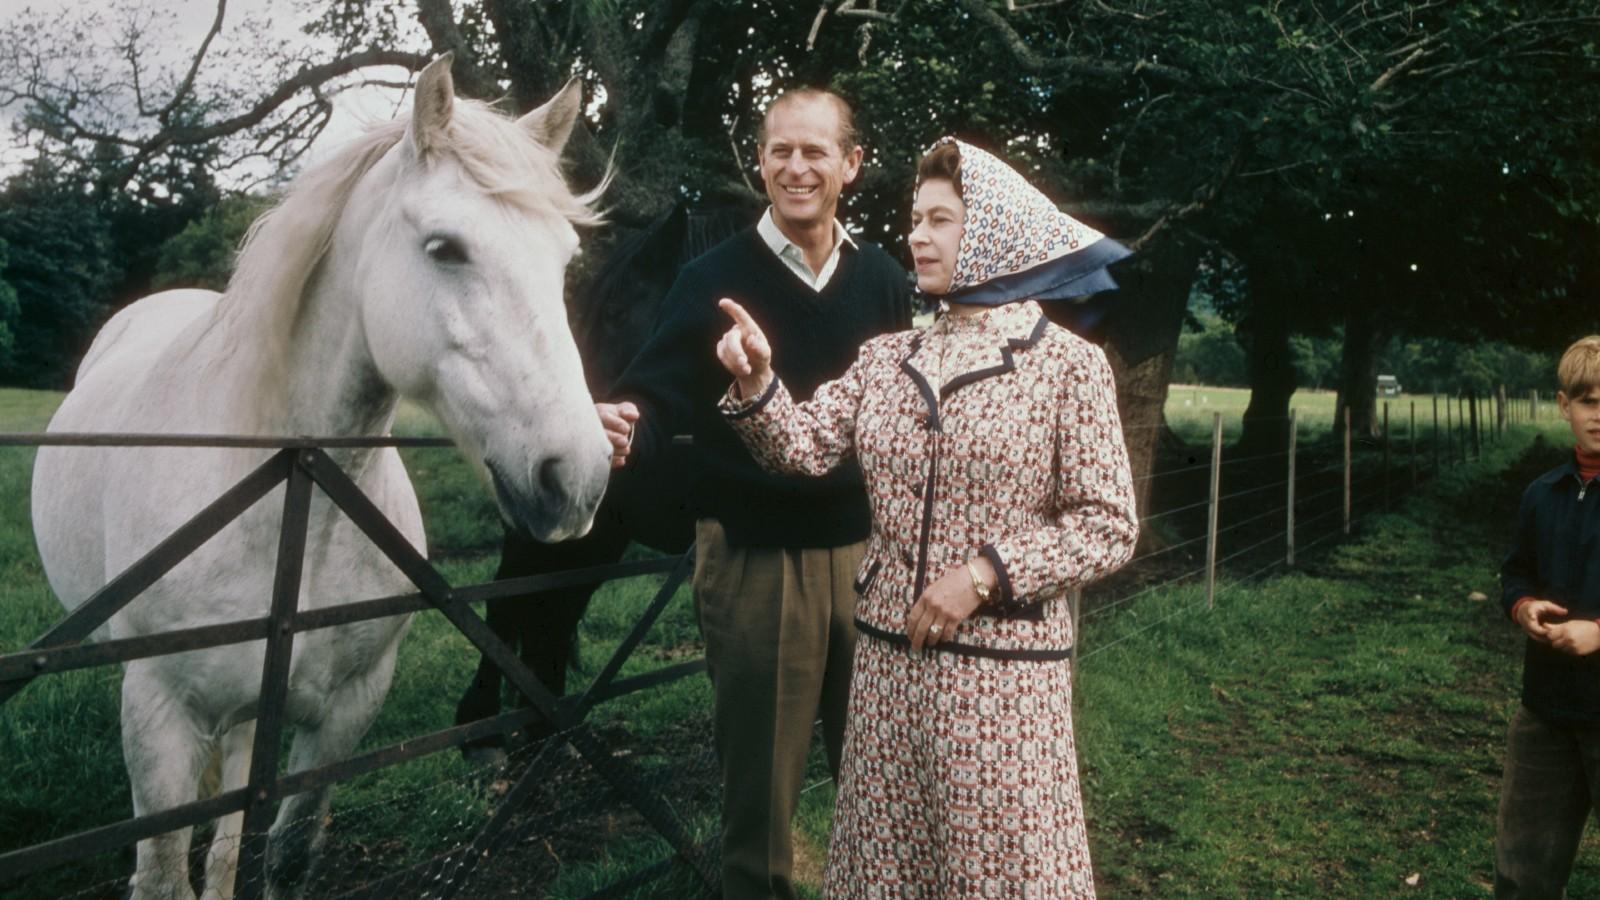 La Reine Elizabeth II et le Prince Philip visitent une ferme sur le domaine de Balmoral en Écosse, lors de l'année de leurs noces d'argent, septembre 1972.